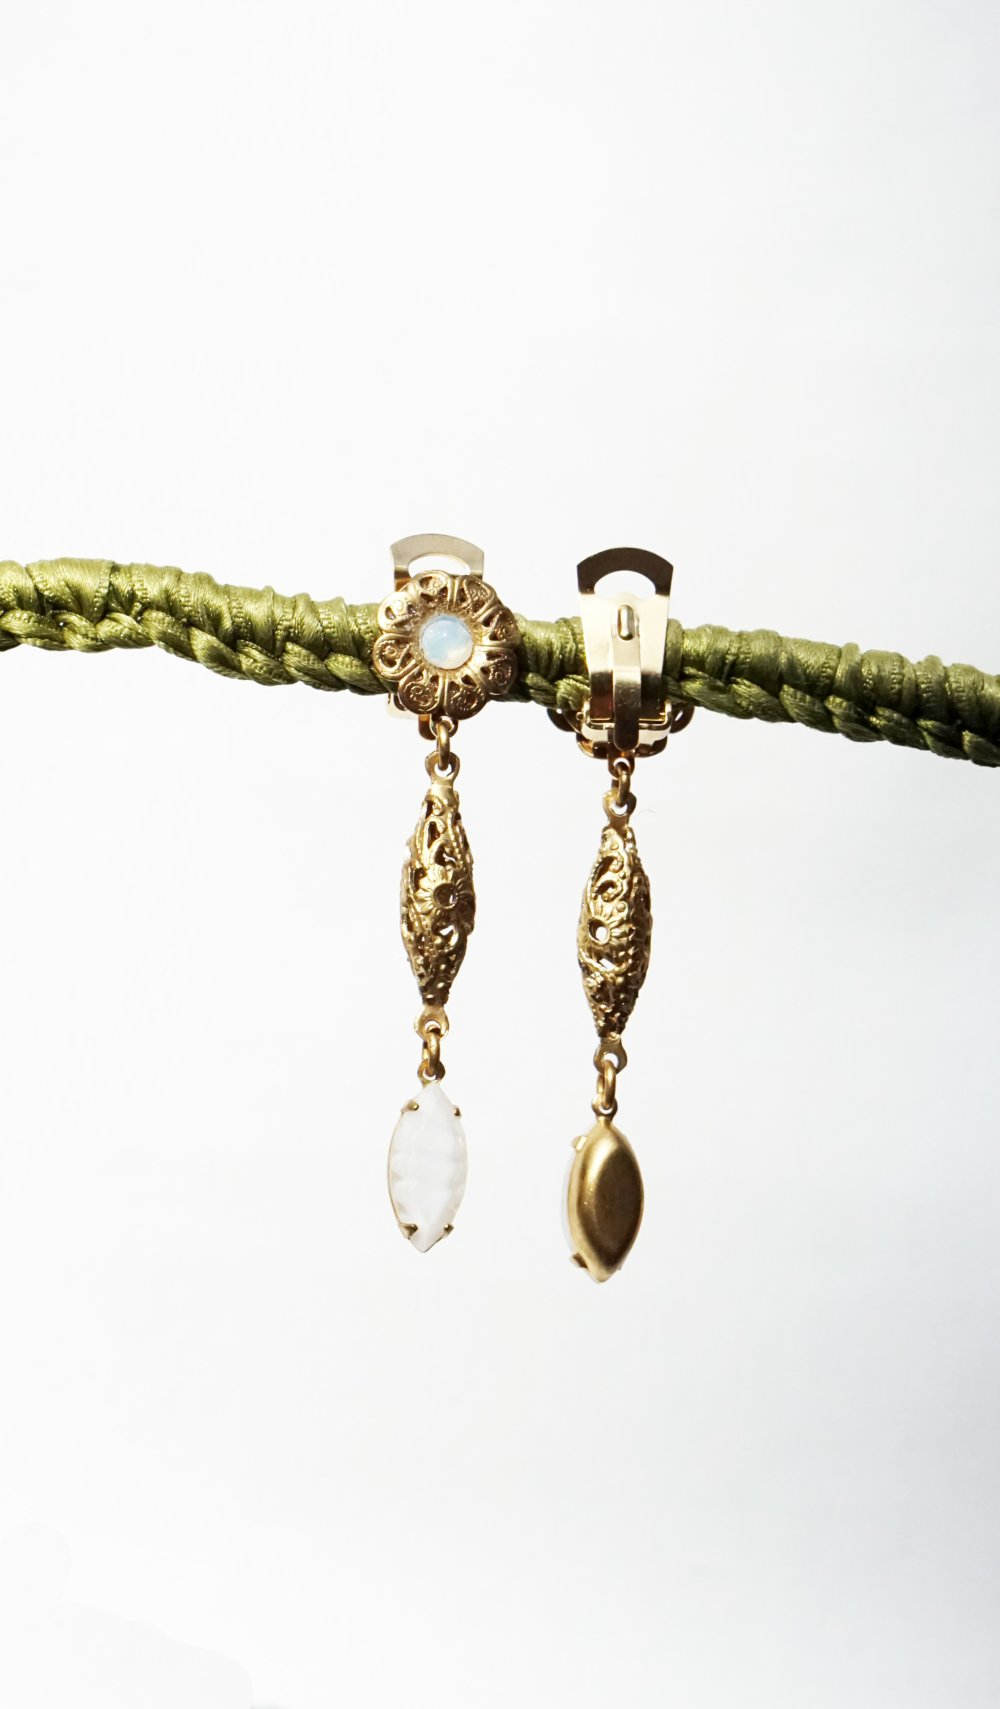 CLIPS Boucles d'oreilles Clips Blanc & Metal doré Perle cristal vintage Perle filigrane Bijoux créateur Création Francaise